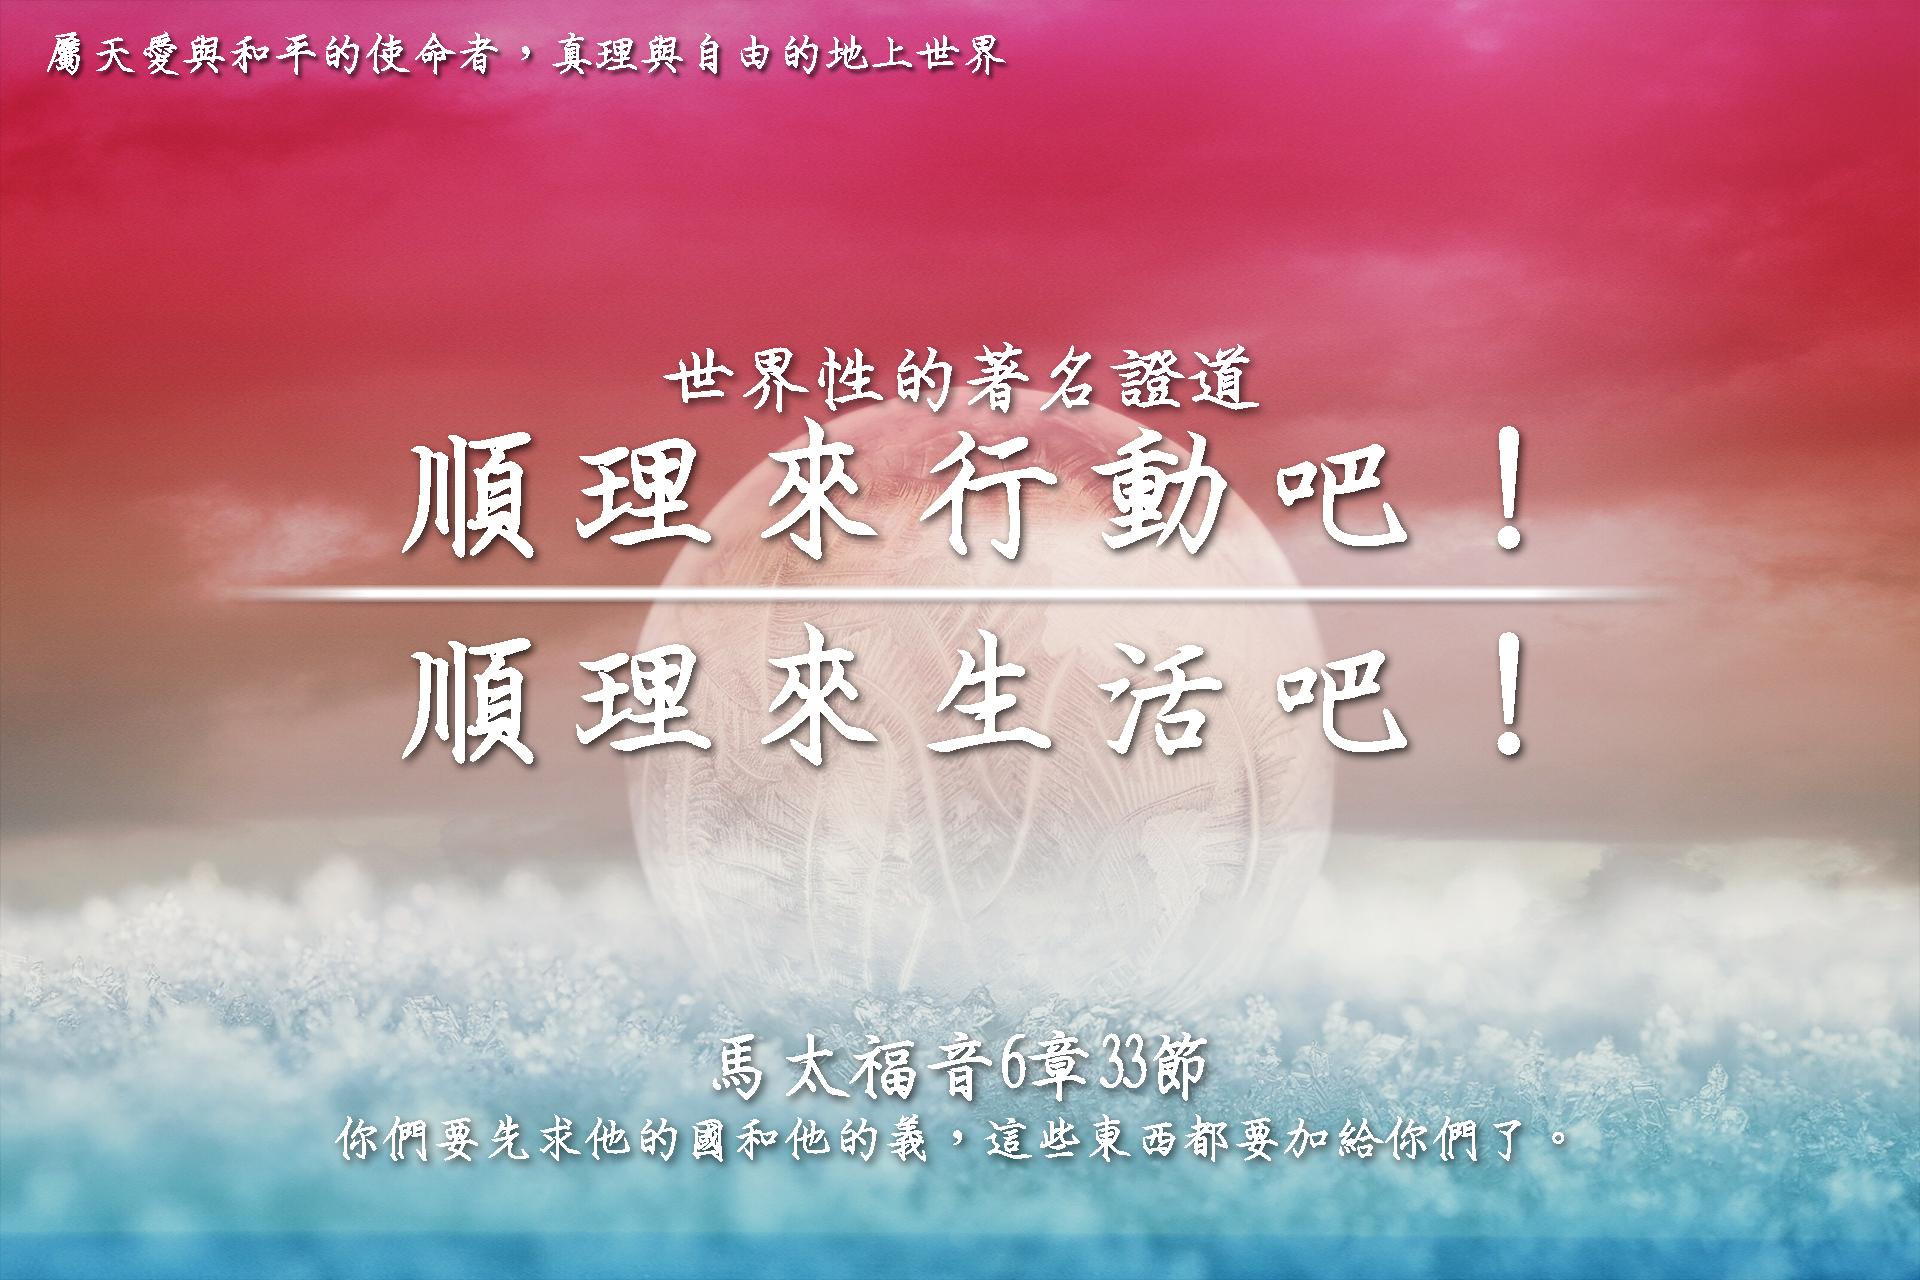 2017-02-01世界性的著名證道~順理來行動吧!順理來生活吧!